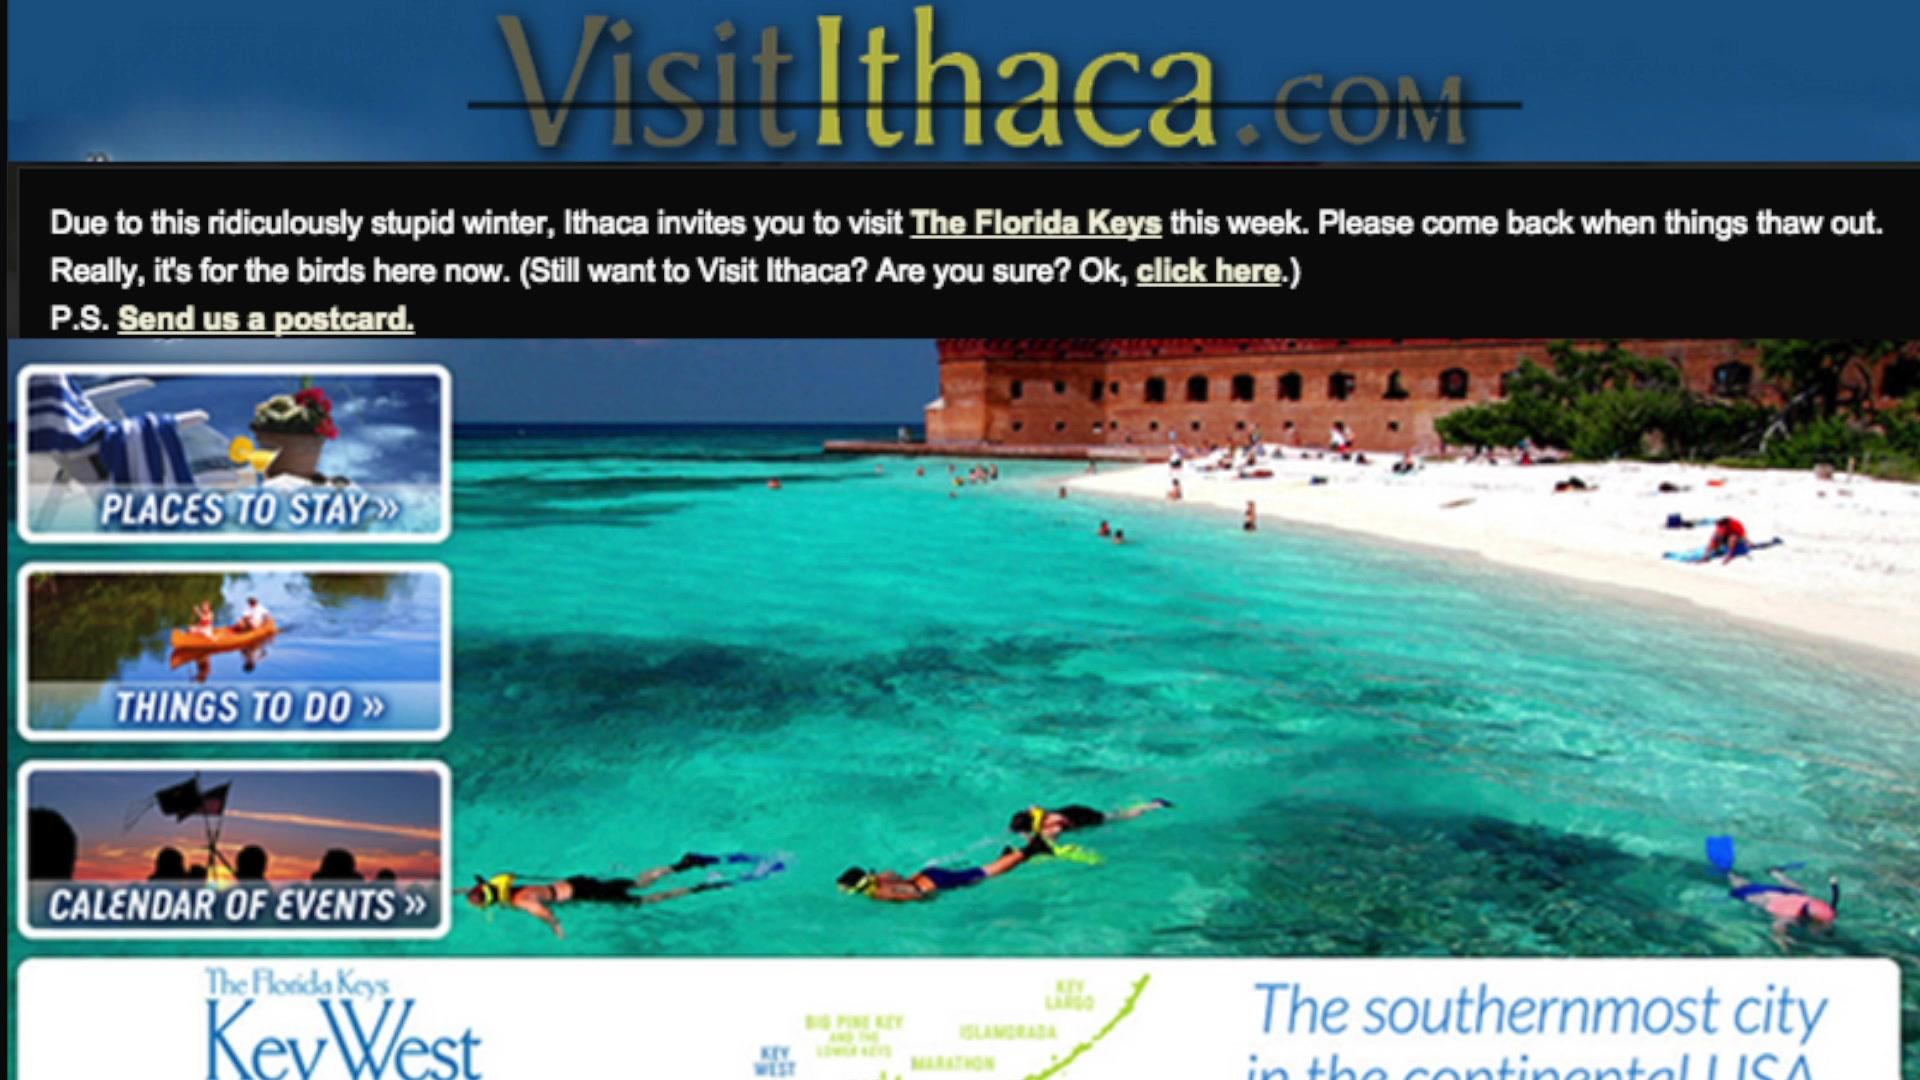 Ithaca Tourism Bureau Promotes Key West Instead